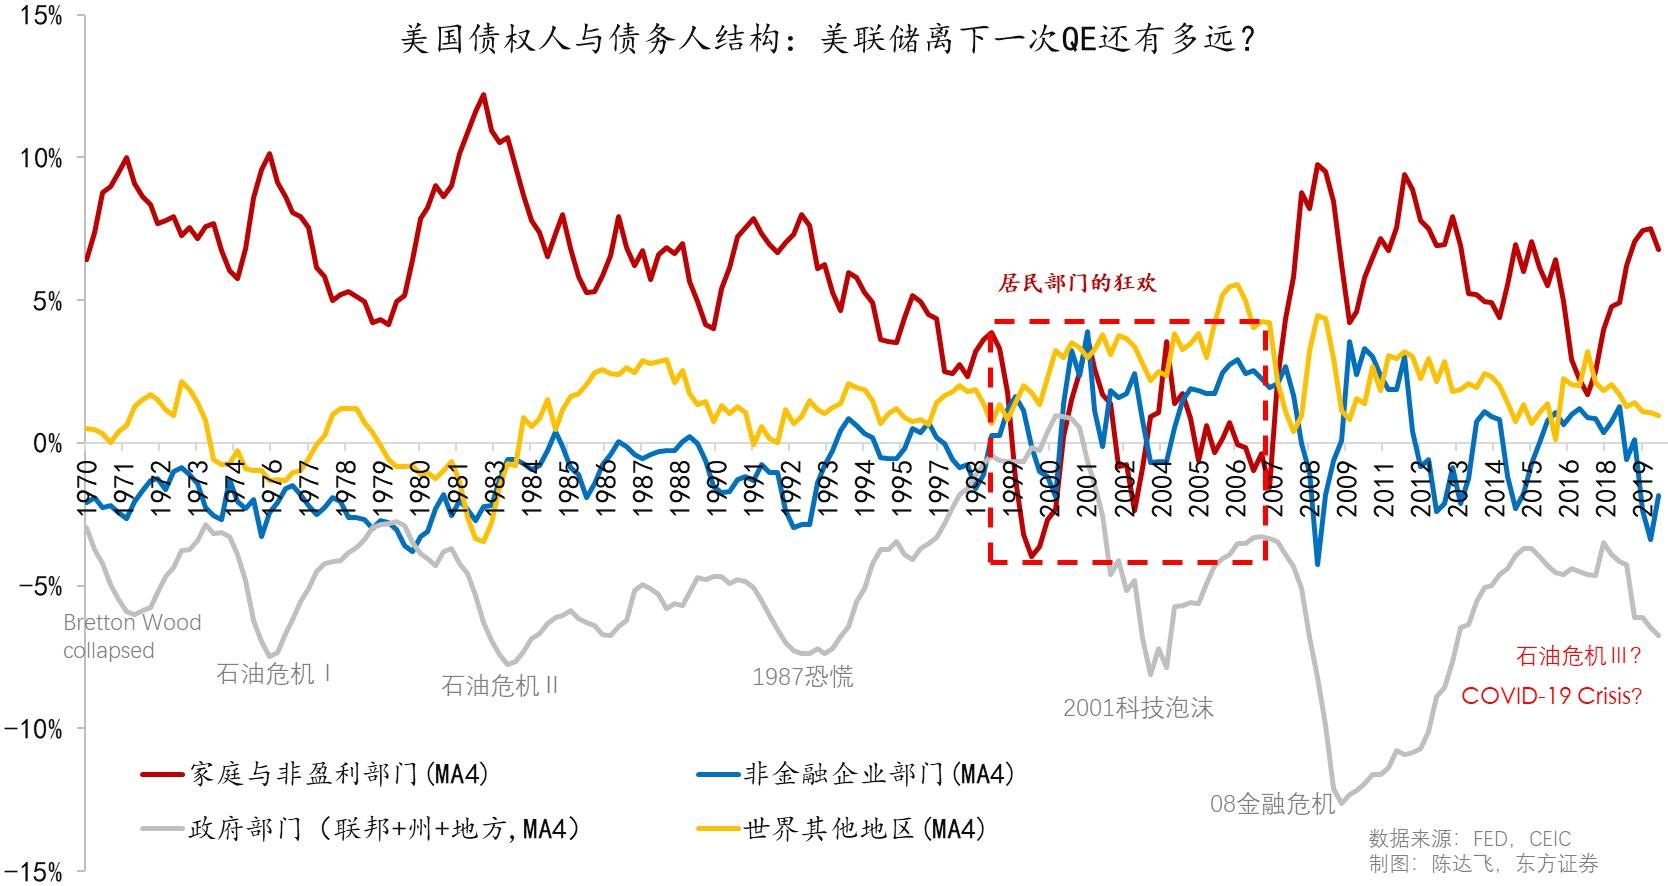 """图3:历次危险,美国当局都会充当""""救火队长"""" 数据来源:FED,CEIC,东方证券;指标为金融投资净值/GDP"""